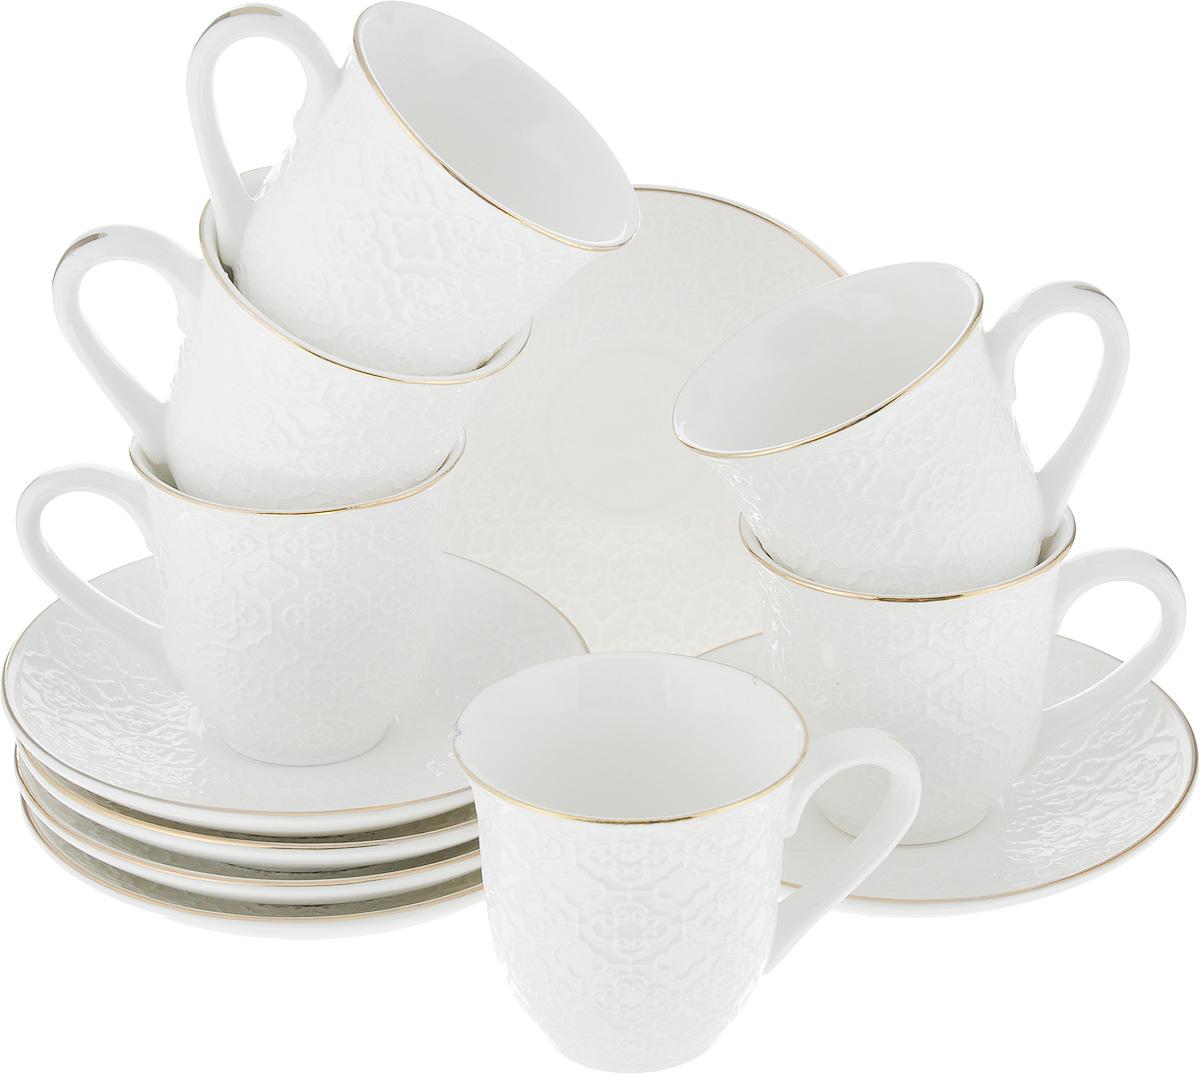 Фото - Набор кофейный Loraine, 12 предметов. 25769 [супермаркет] jingdong геб scybe фил приблизительно круглая чашка установлена в вертикальном положении стеклянной чашки 290мла 6 z